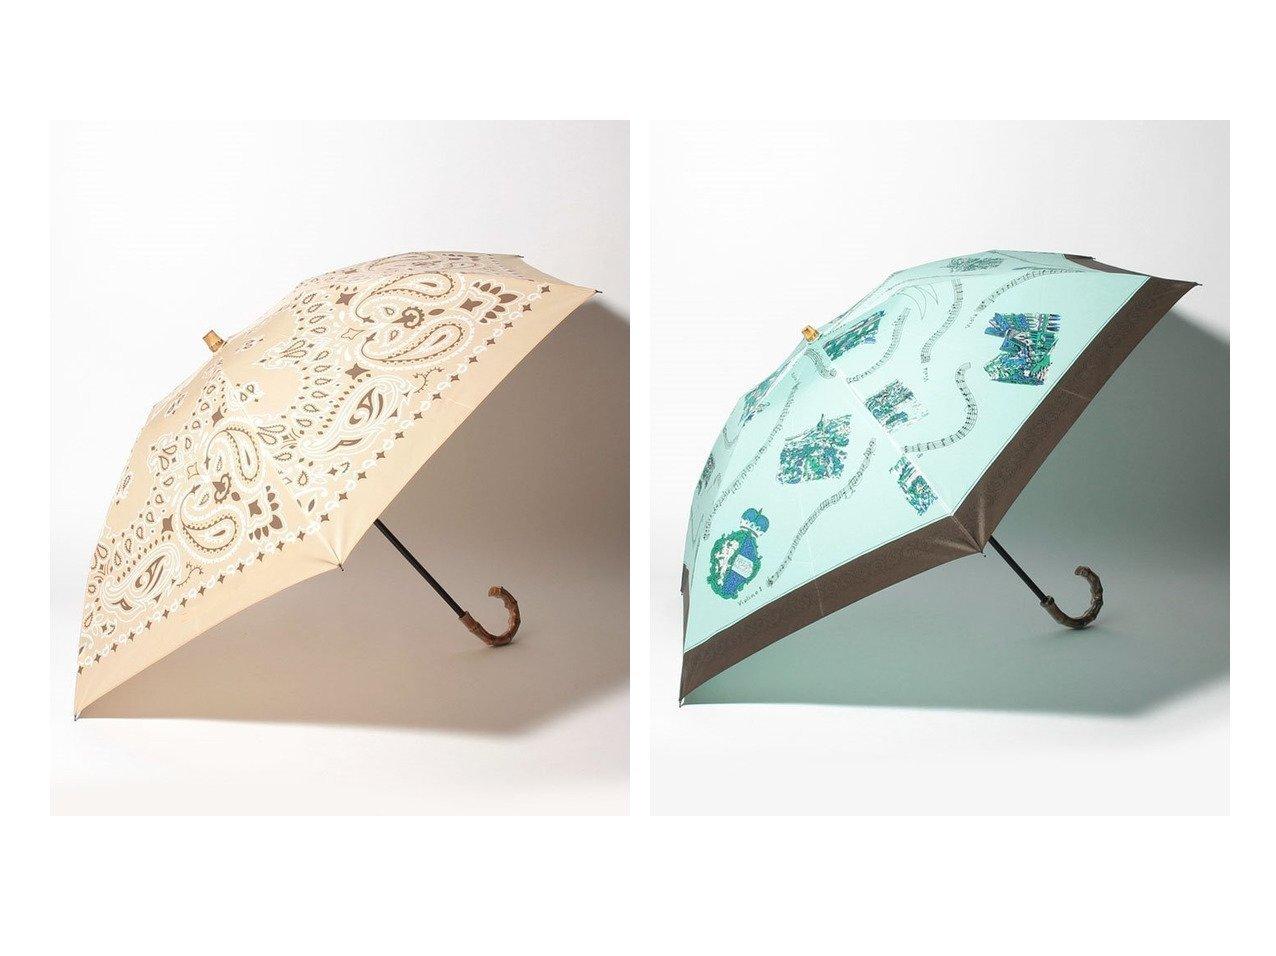 【allureville/アルアバイル】の【manipuri(マニプリ)】 晴雨兼用折りたたみ傘 allurevilleのおすすめ!人気、トレンド・レディースファッションの通販 おすすめで人気の流行・トレンド、ファッションの通販商品 メンズファッション・キッズファッション・インテリア・家具・レディースファッション・服の通販 founy(ファニー) https://founy.com/ ファッション Fashion レディースファッション WOMEN 傘 / レイングッズ Umbrellas Rainwear クラシック バンブー パターン 傘 |ID:crp329100000020358